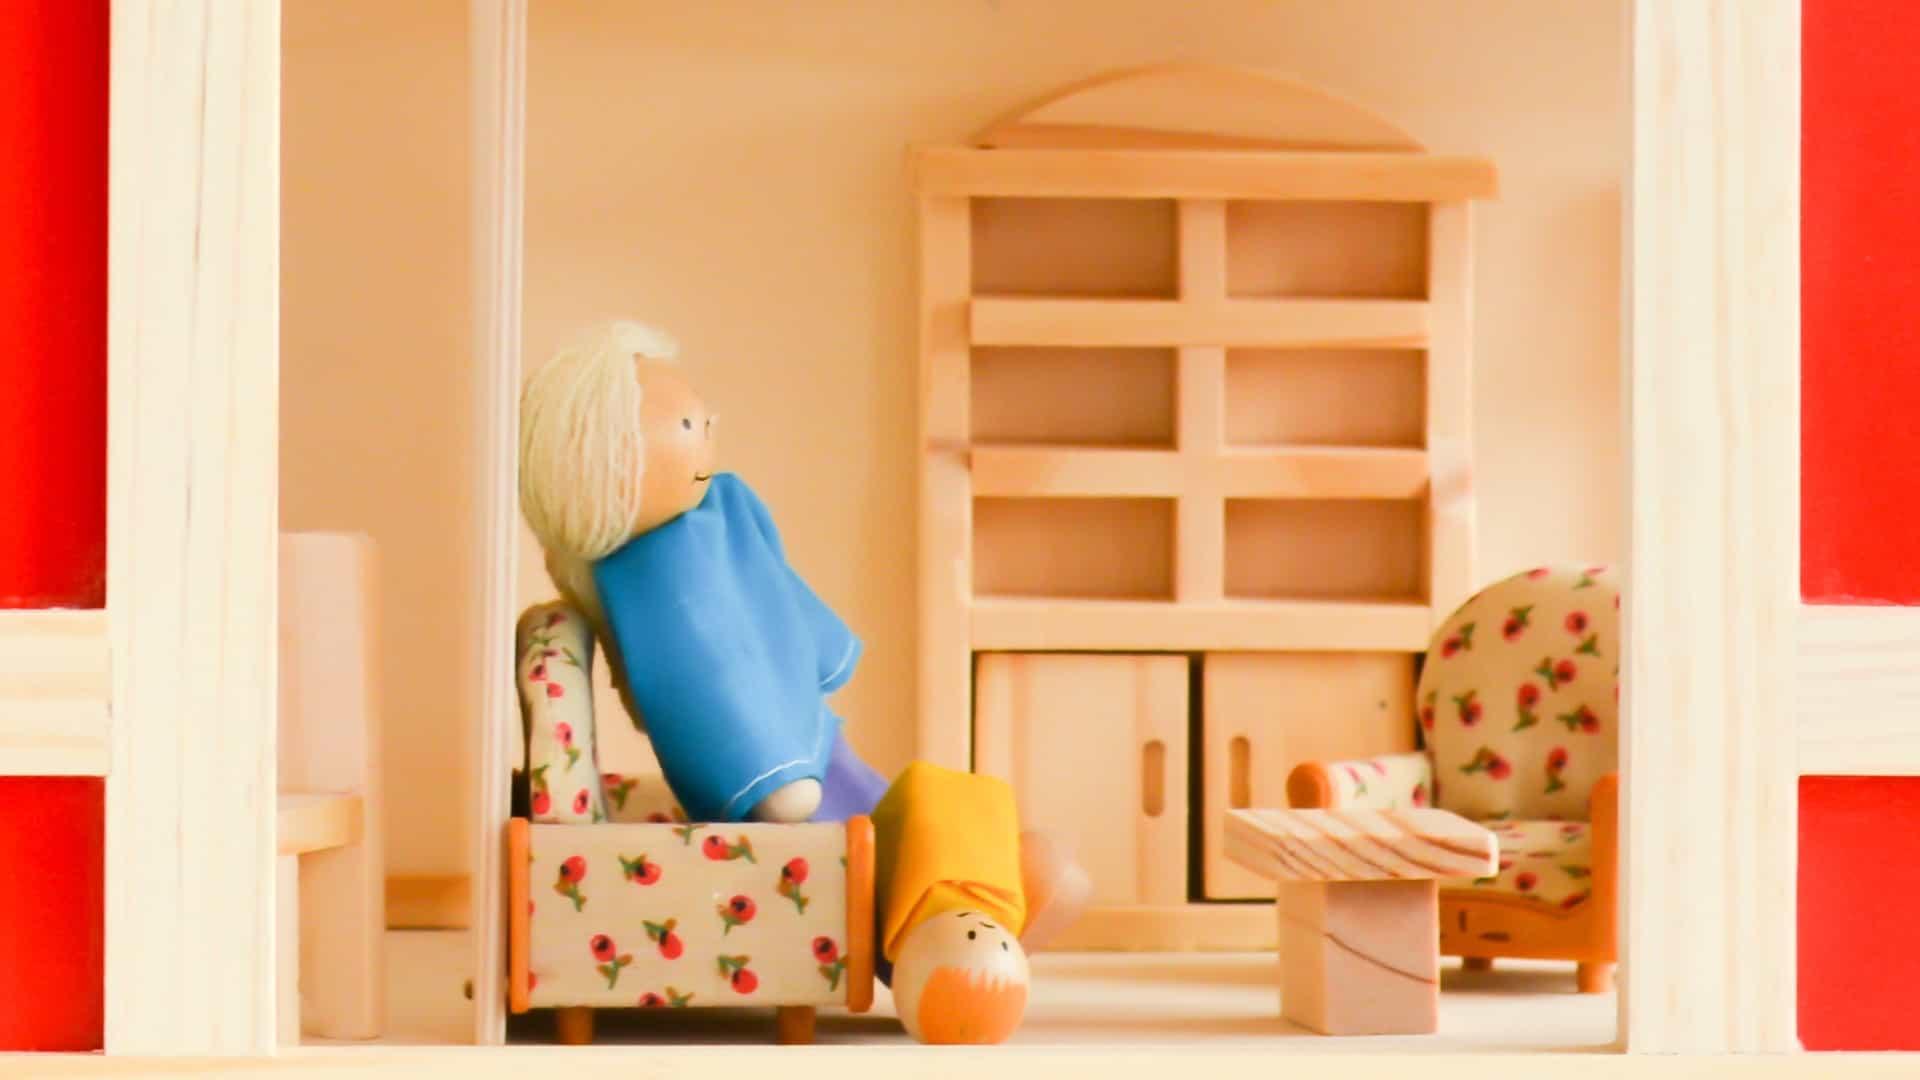 Casa-delle-bambole-evidenza